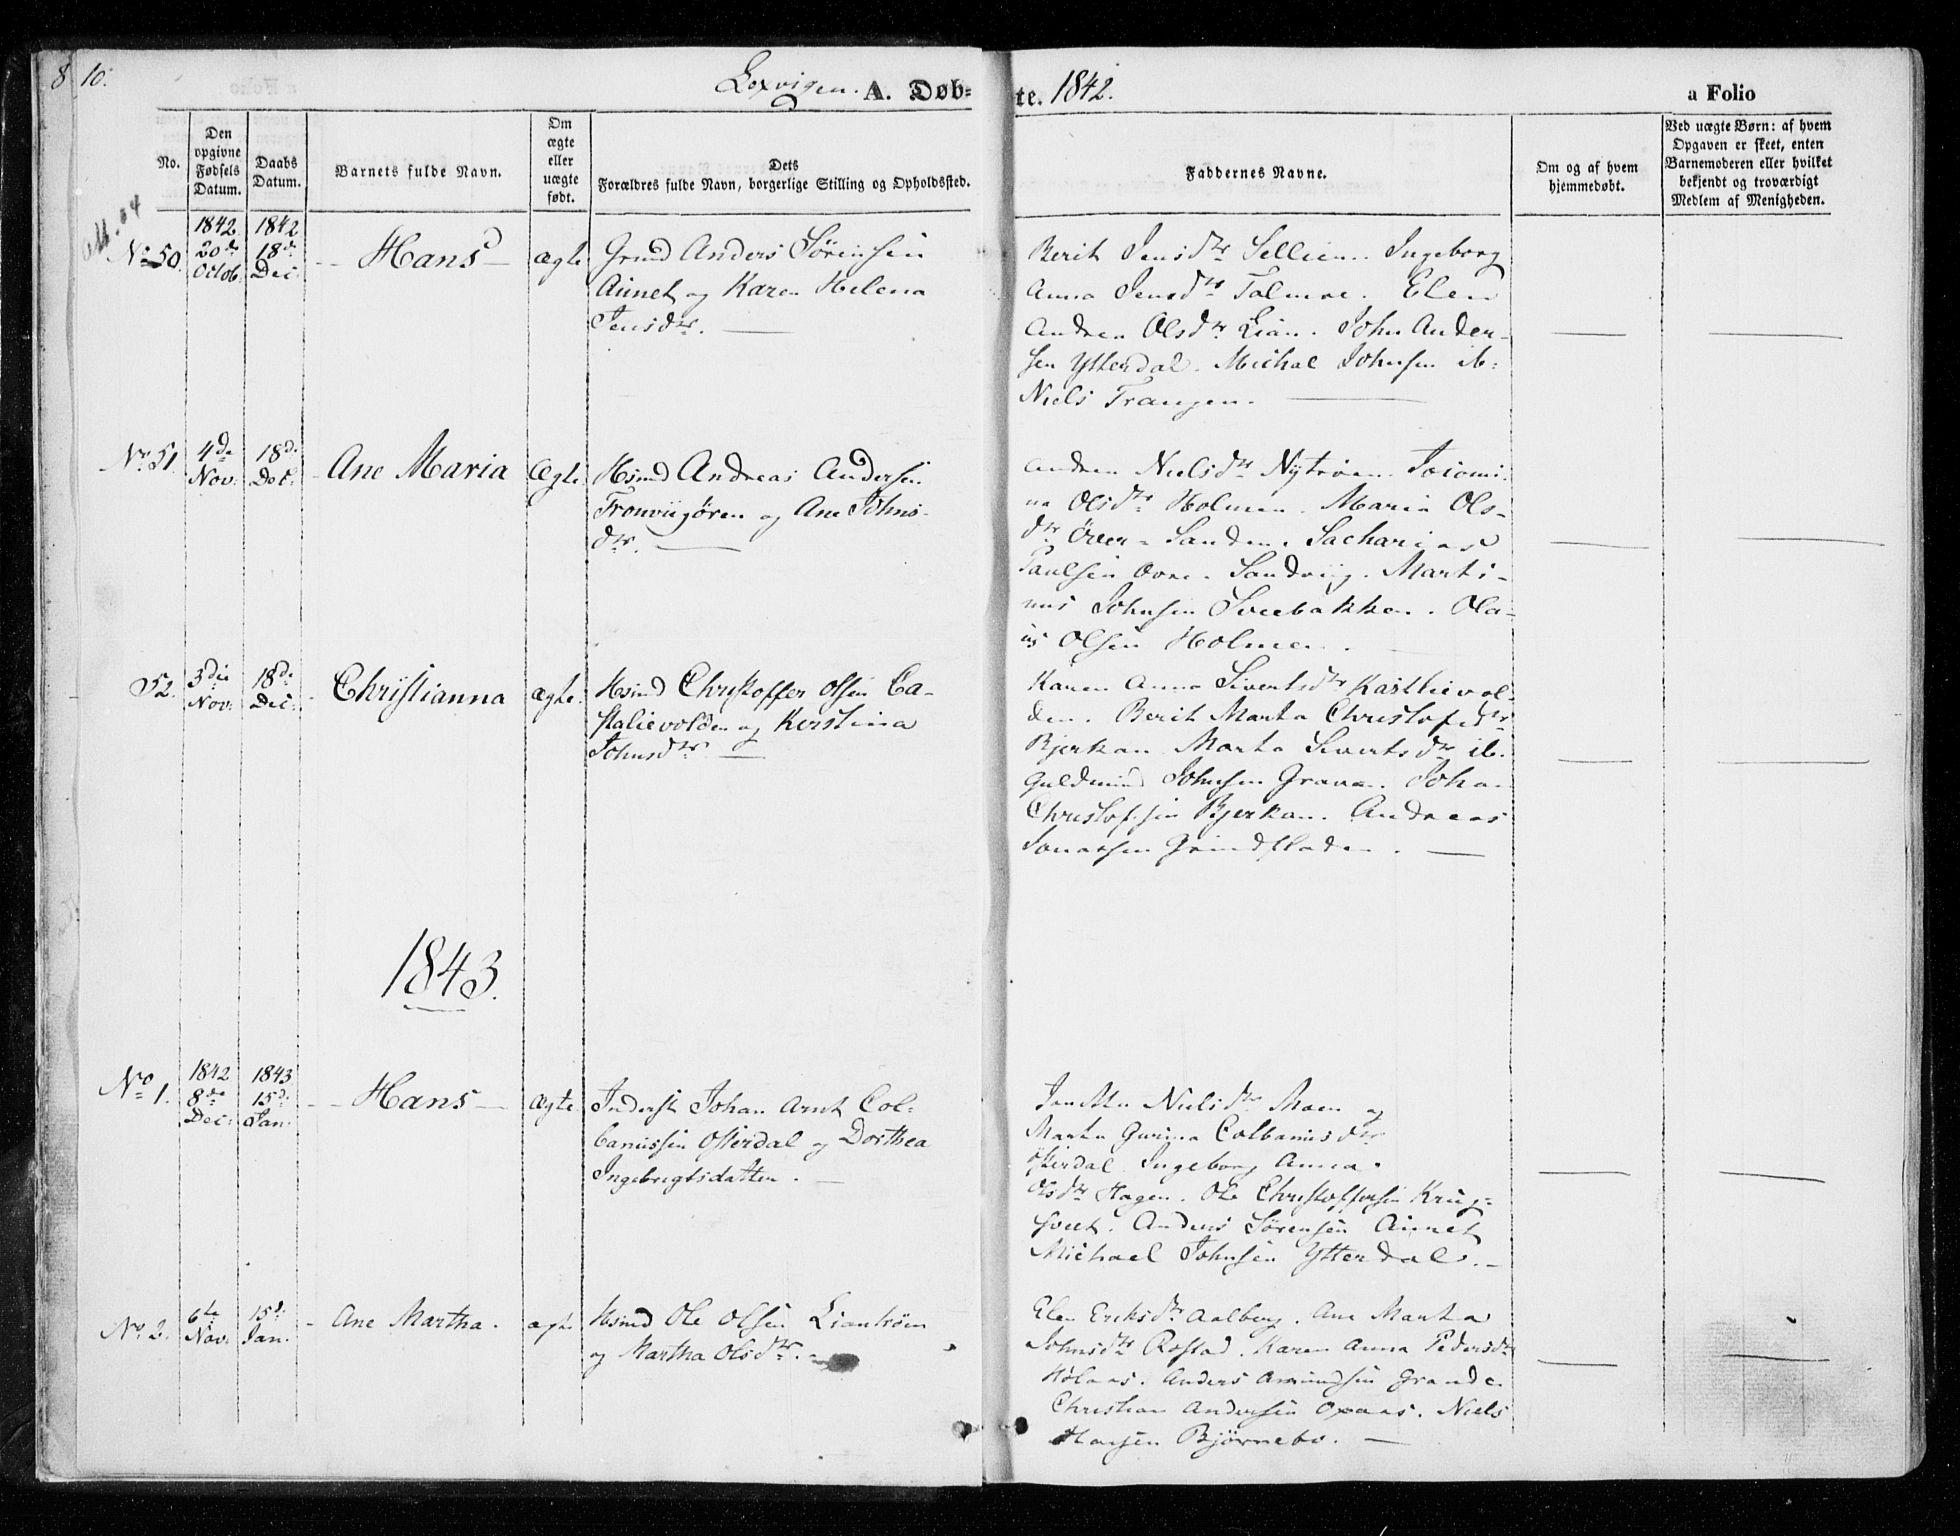 SAT, Ministerialprotokoller, klokkerbøker og fødselsregistre - Nord-Trøndelag, 701/L0007: Parish register (official) no. 701A07 /1, 1842-1854, p. 10